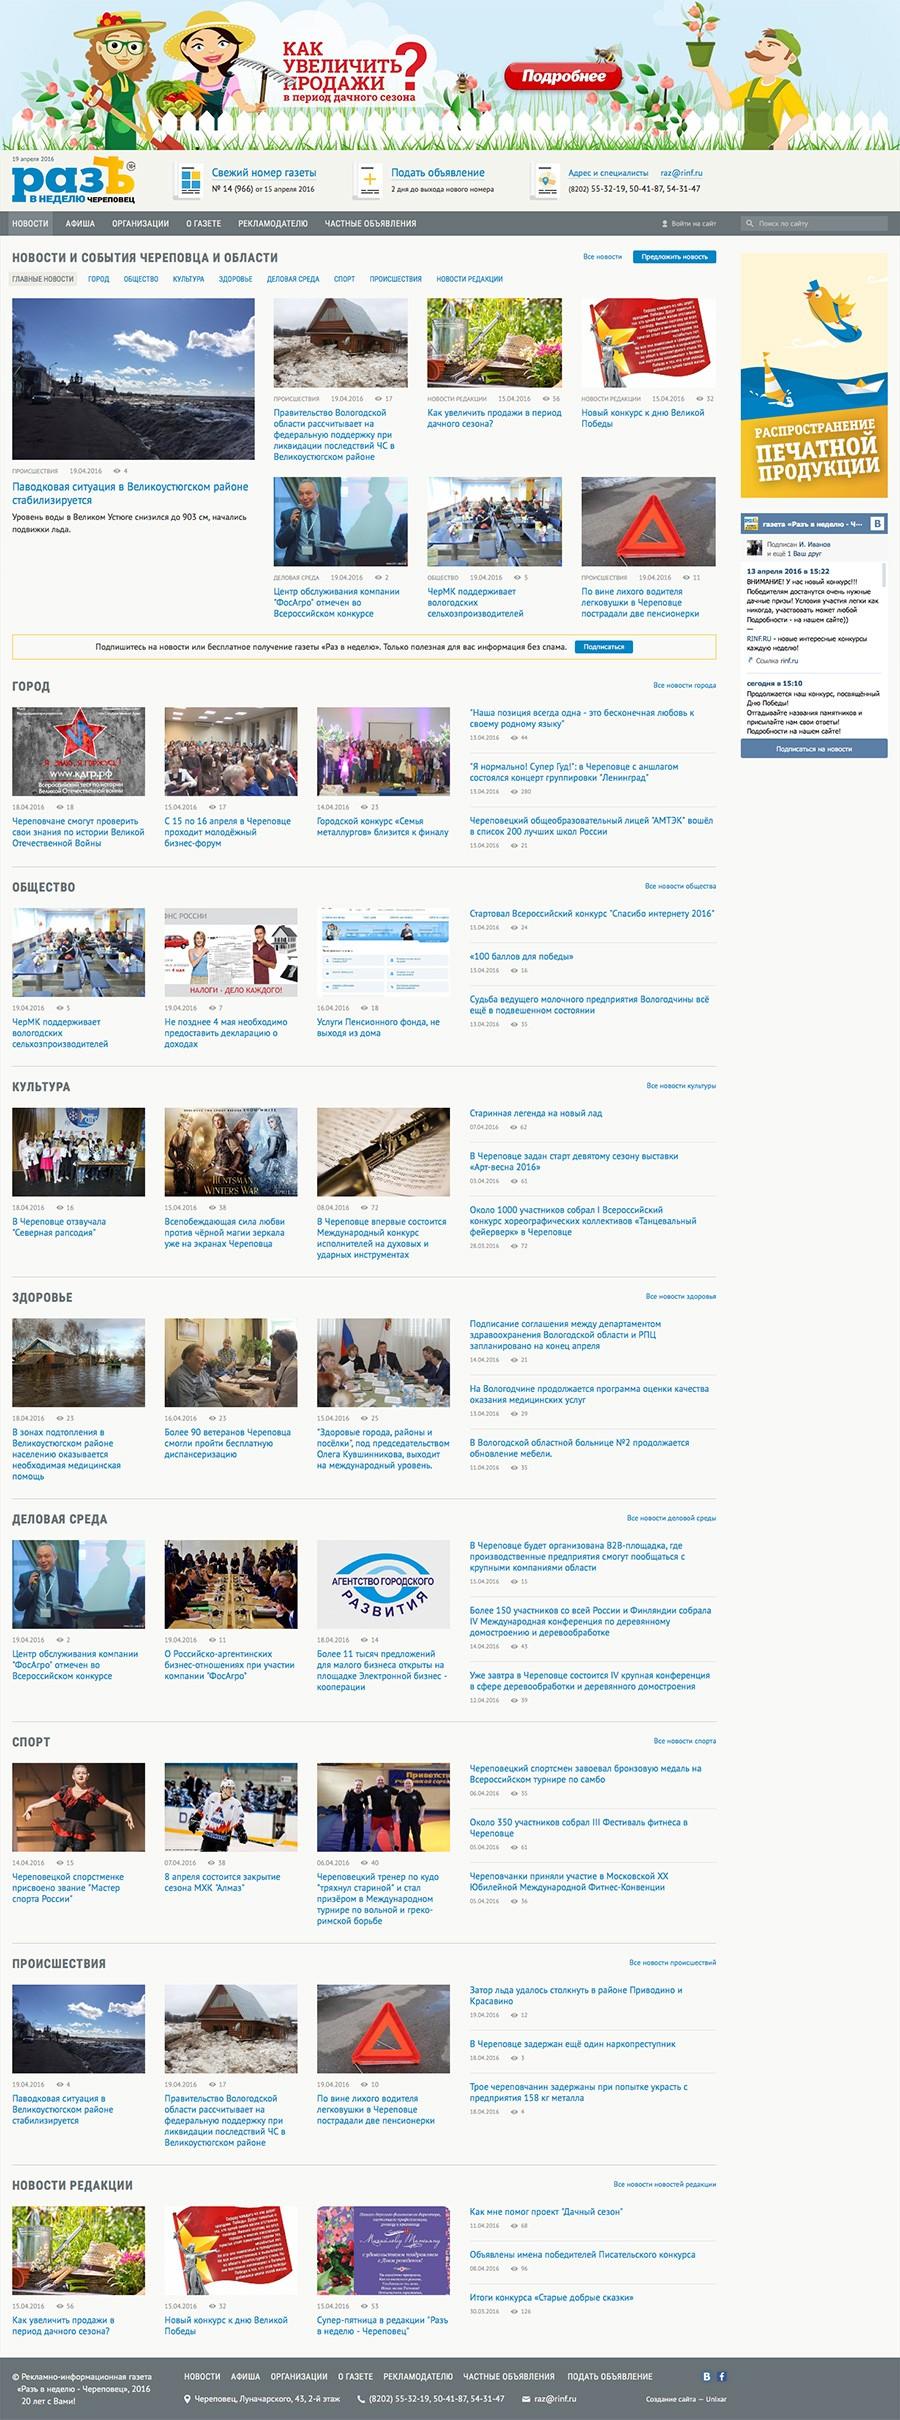 Раздел новости. Сверху выводятся главные новости, ниже - остальные, сгруппированные по рубрикам